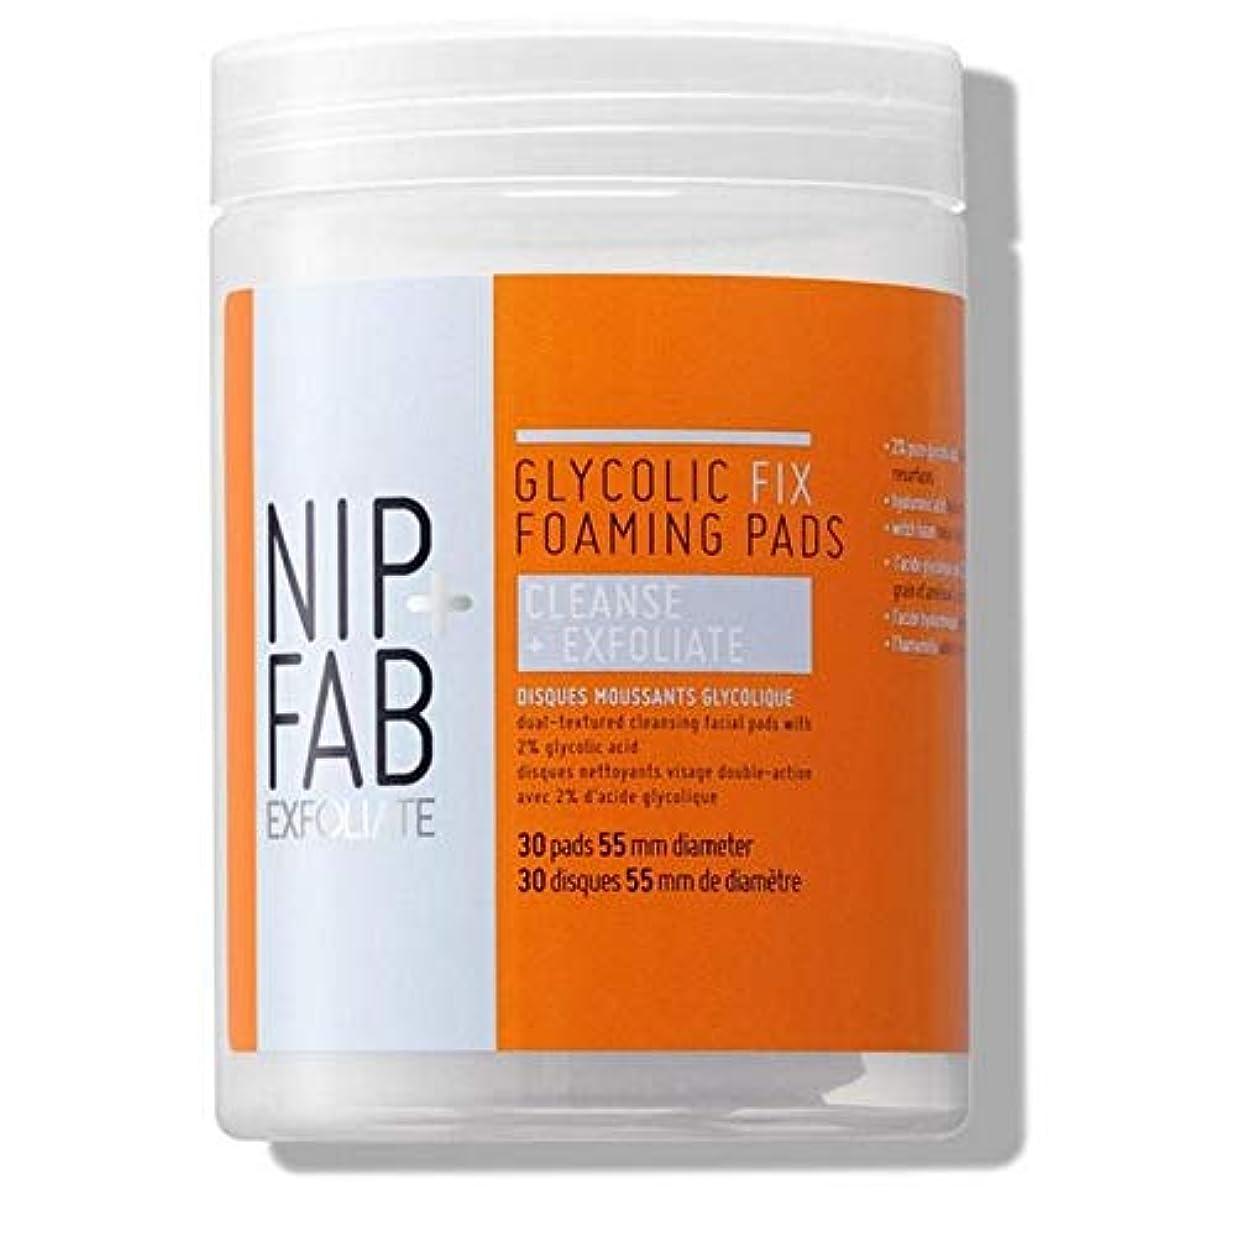 和解するに対応するきゅうり[Nip & Fab] + Fabグリコール修正発泡パッド95ミリリットルニップ - Nip+Fab Glycolic Fix Foaming Pads 95ml [並行輸入品]